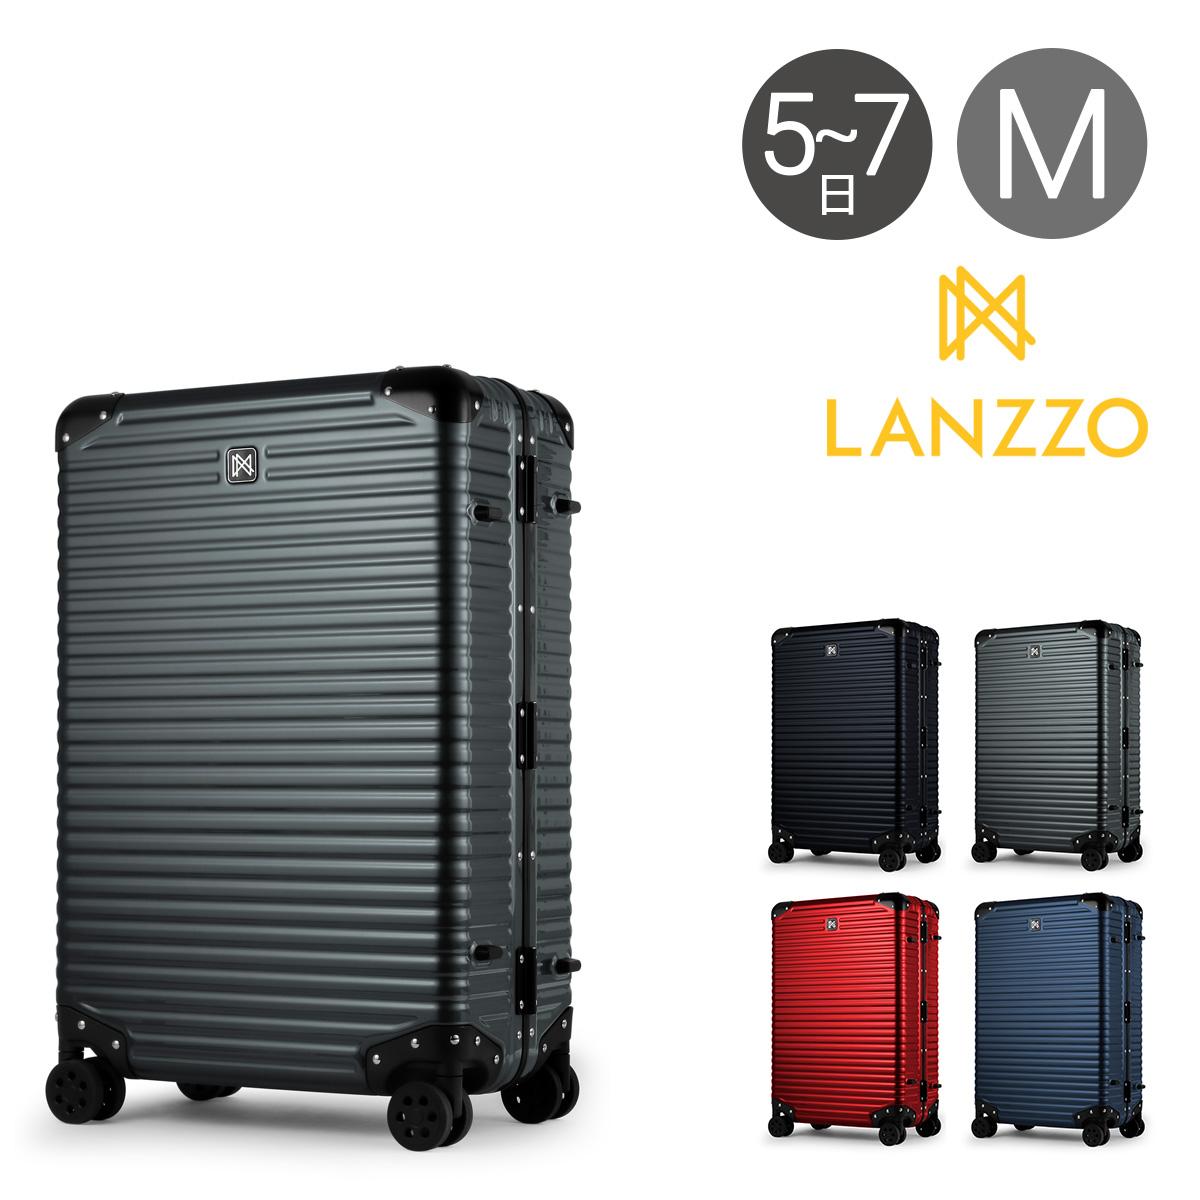 ランツォ スーツケース ノーマンライト 27インチ|64L 64cm 5kg|軽量 5年保証 ハード フレーム TSAロック搭載 キャリーケース LANZZO[bef]